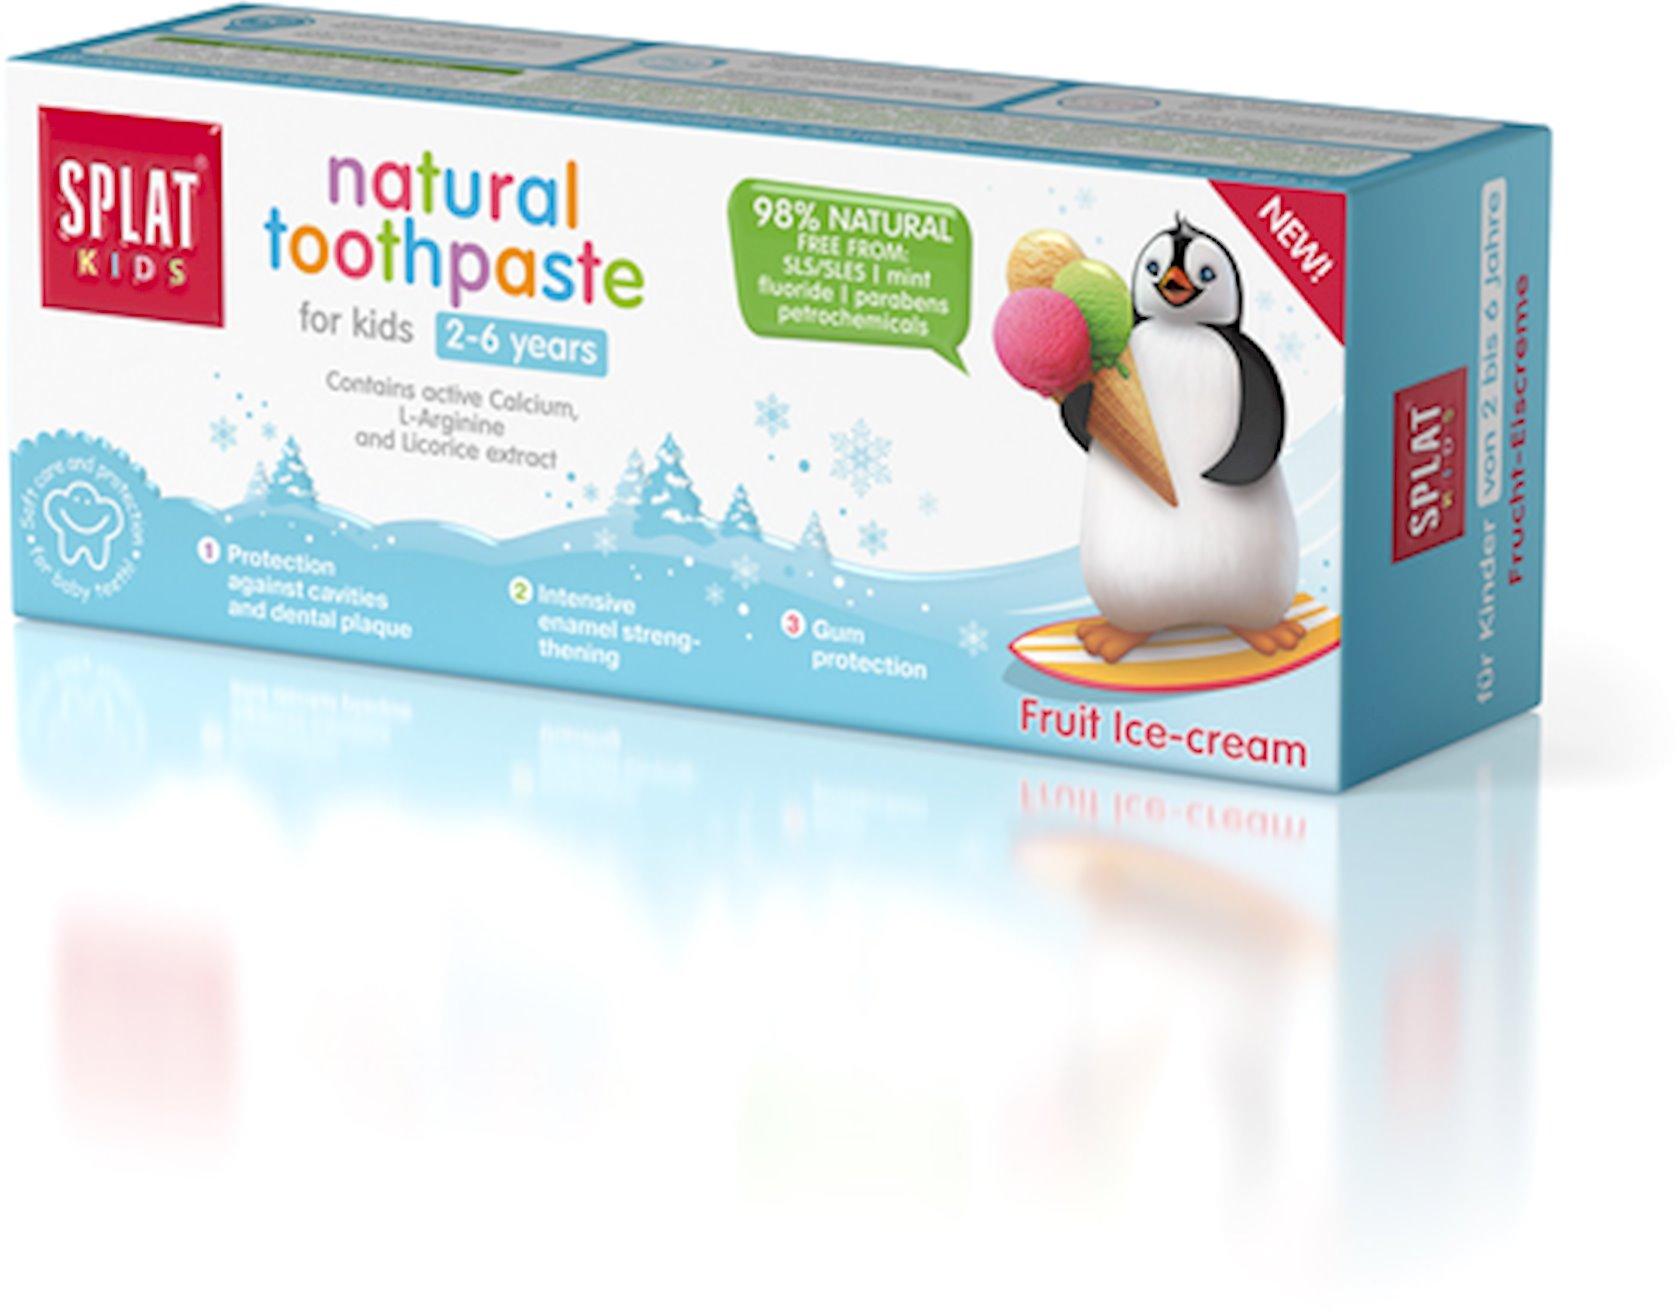 Diş pastası uşaqlar üçün Splat kids bakteriyalardan və kariyesdən müdafiə, Meyvəli dondurma, 50 ml